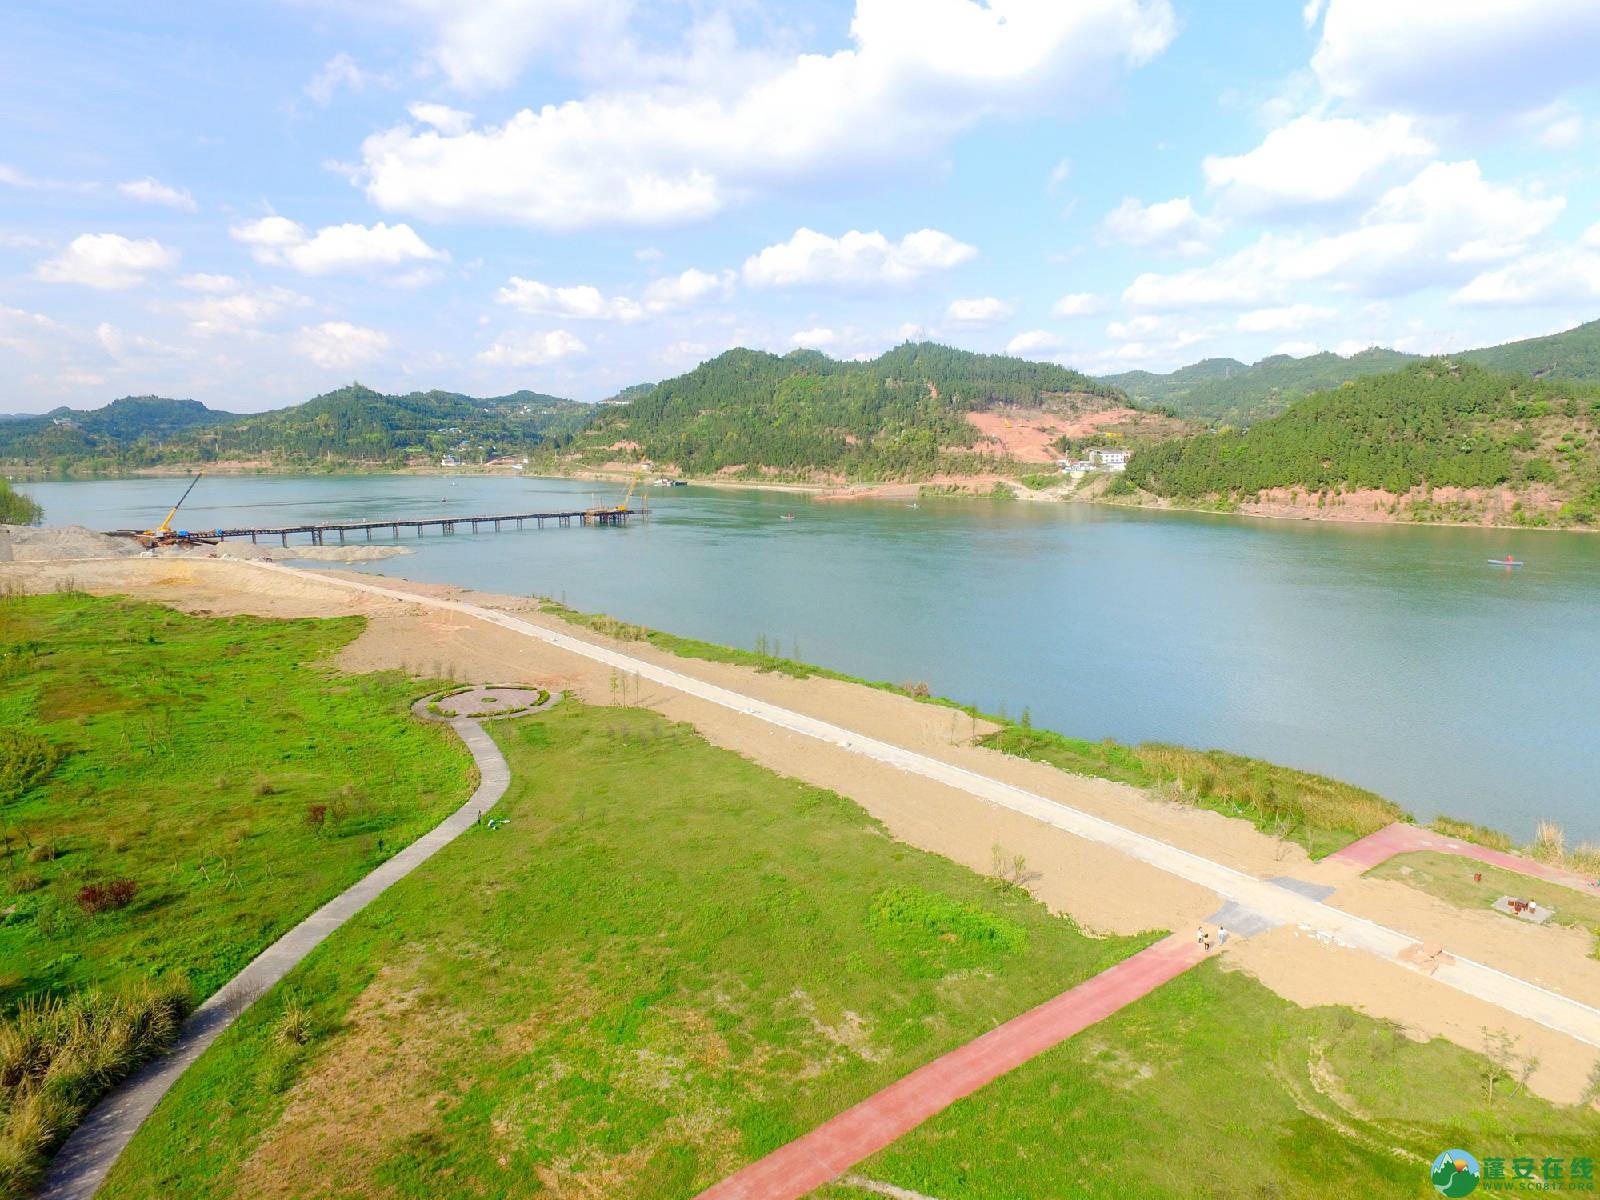 蓬安县锦屏镇湿地公园跑道、纵一道路、干一道工程进度(2018年4月6日) - 第2张  | 蓬安在线